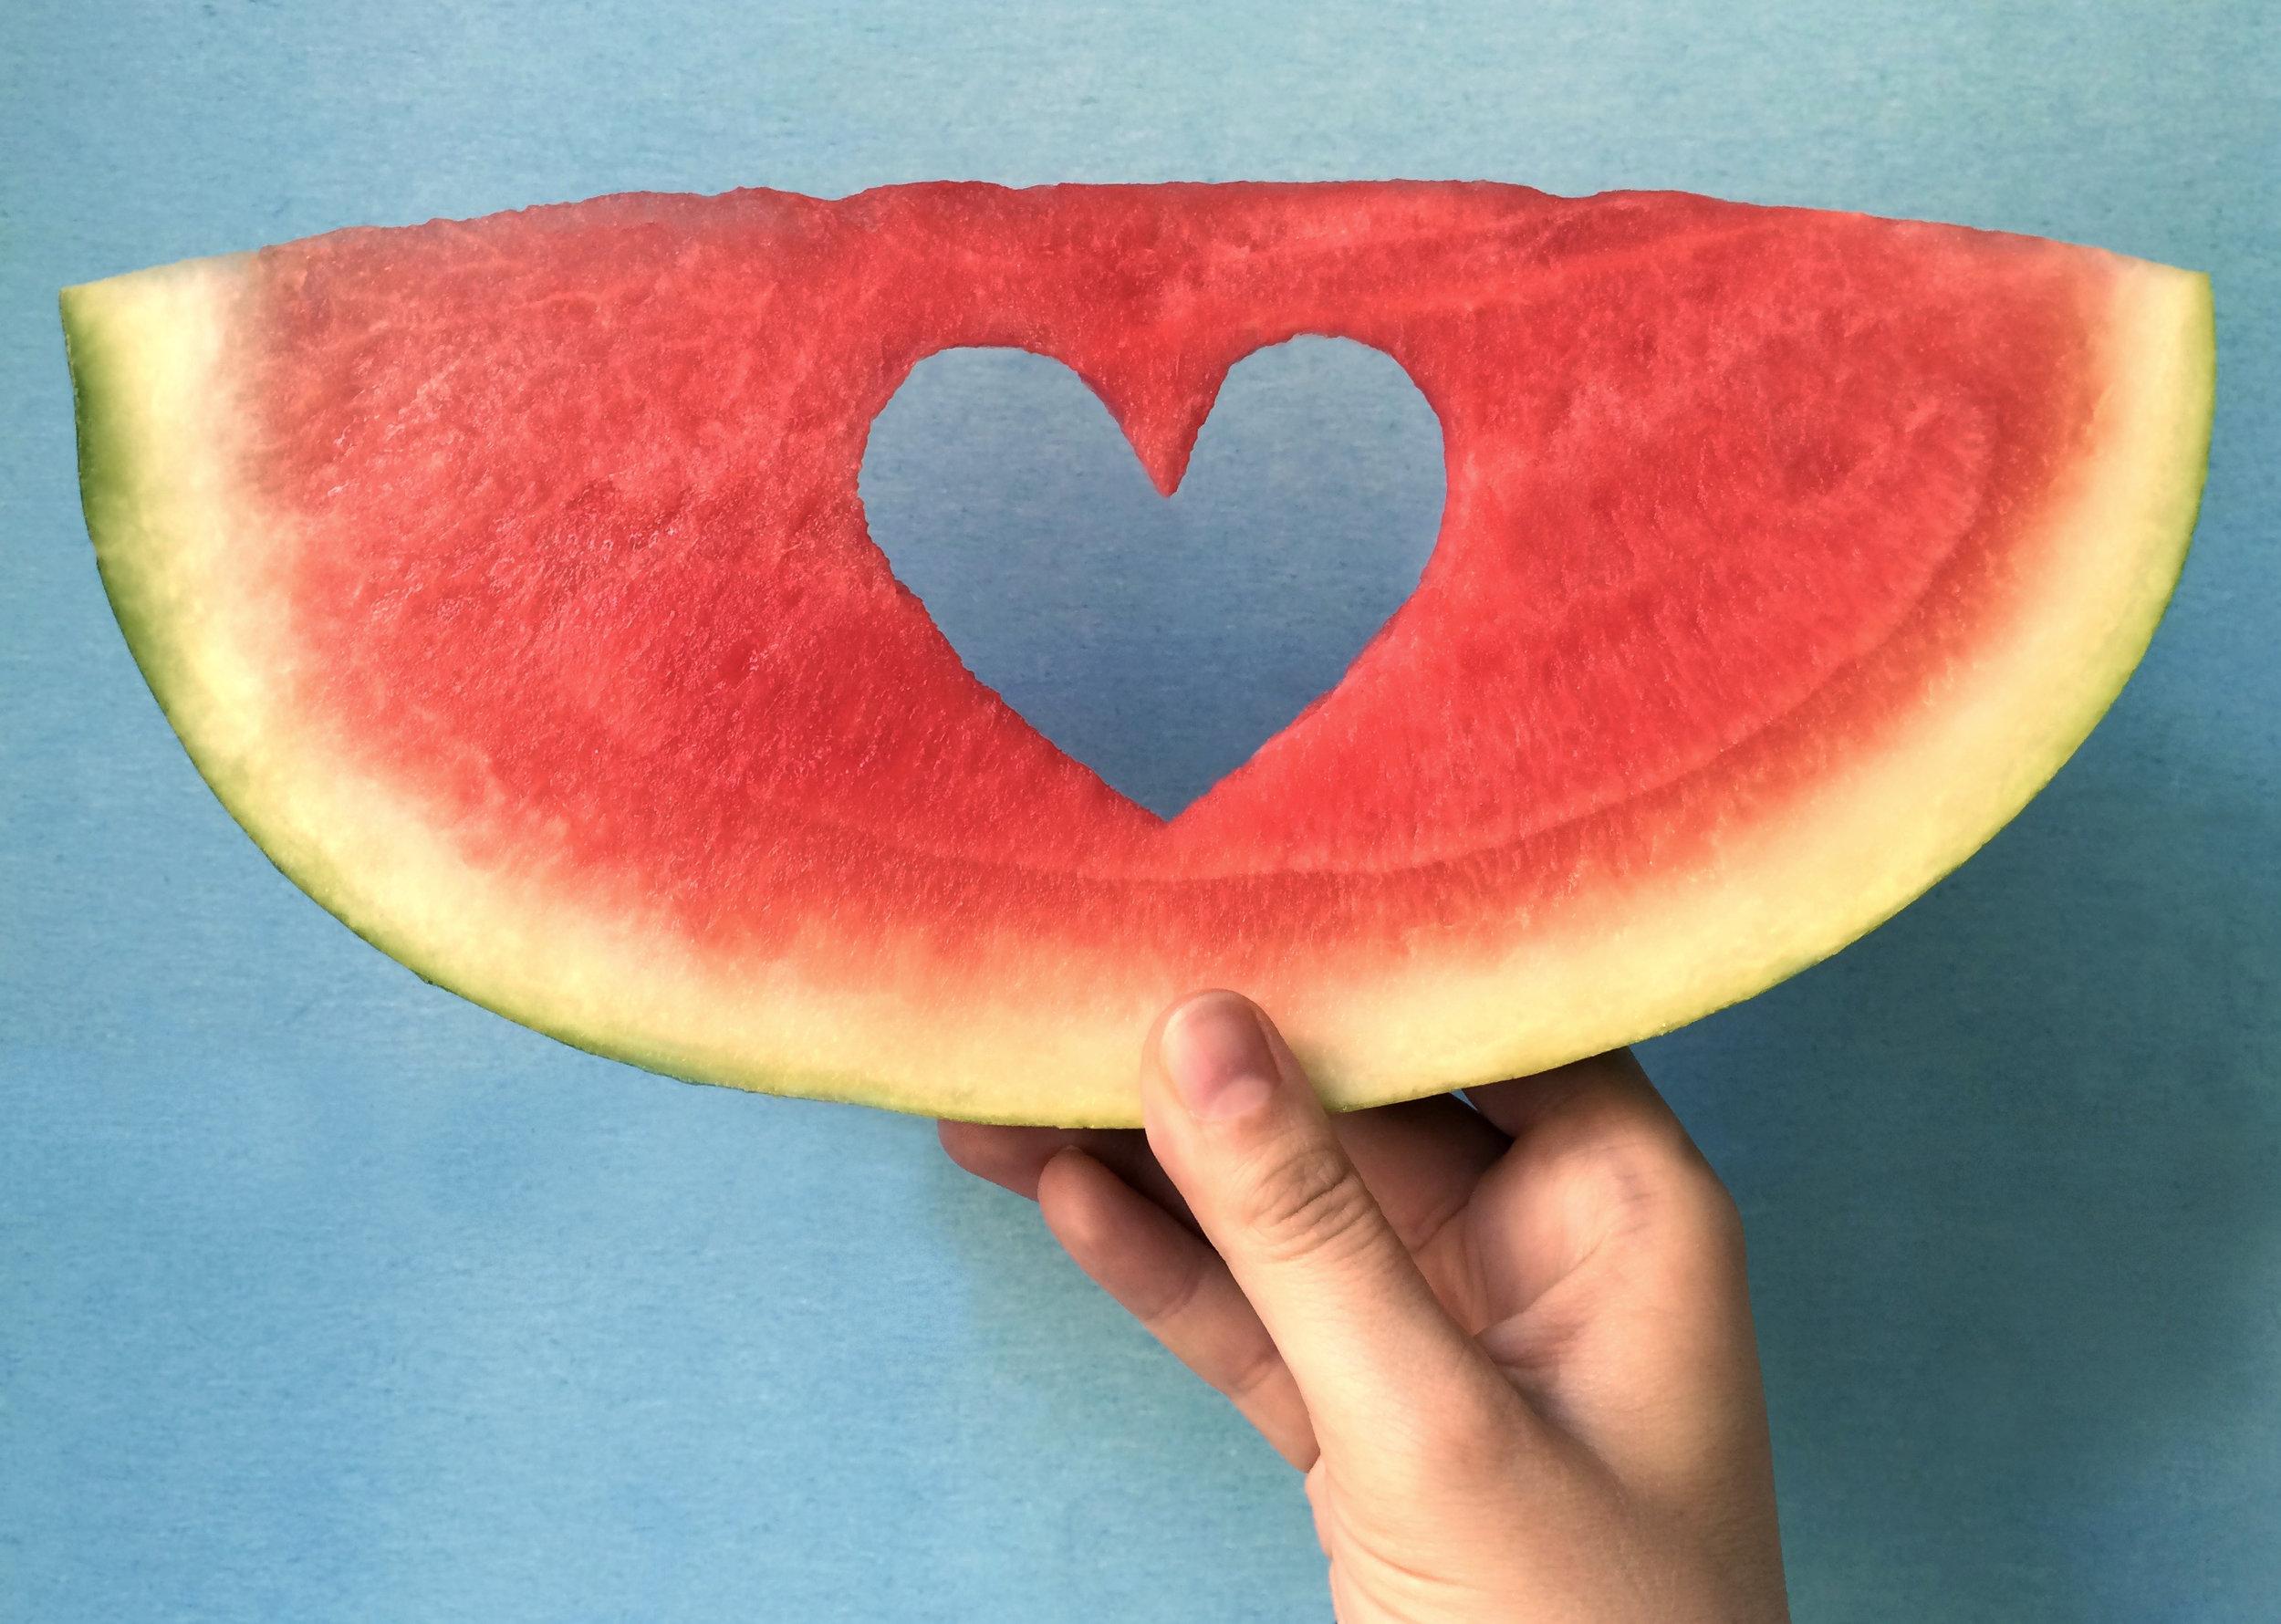 Watermelon_Heart.jpg